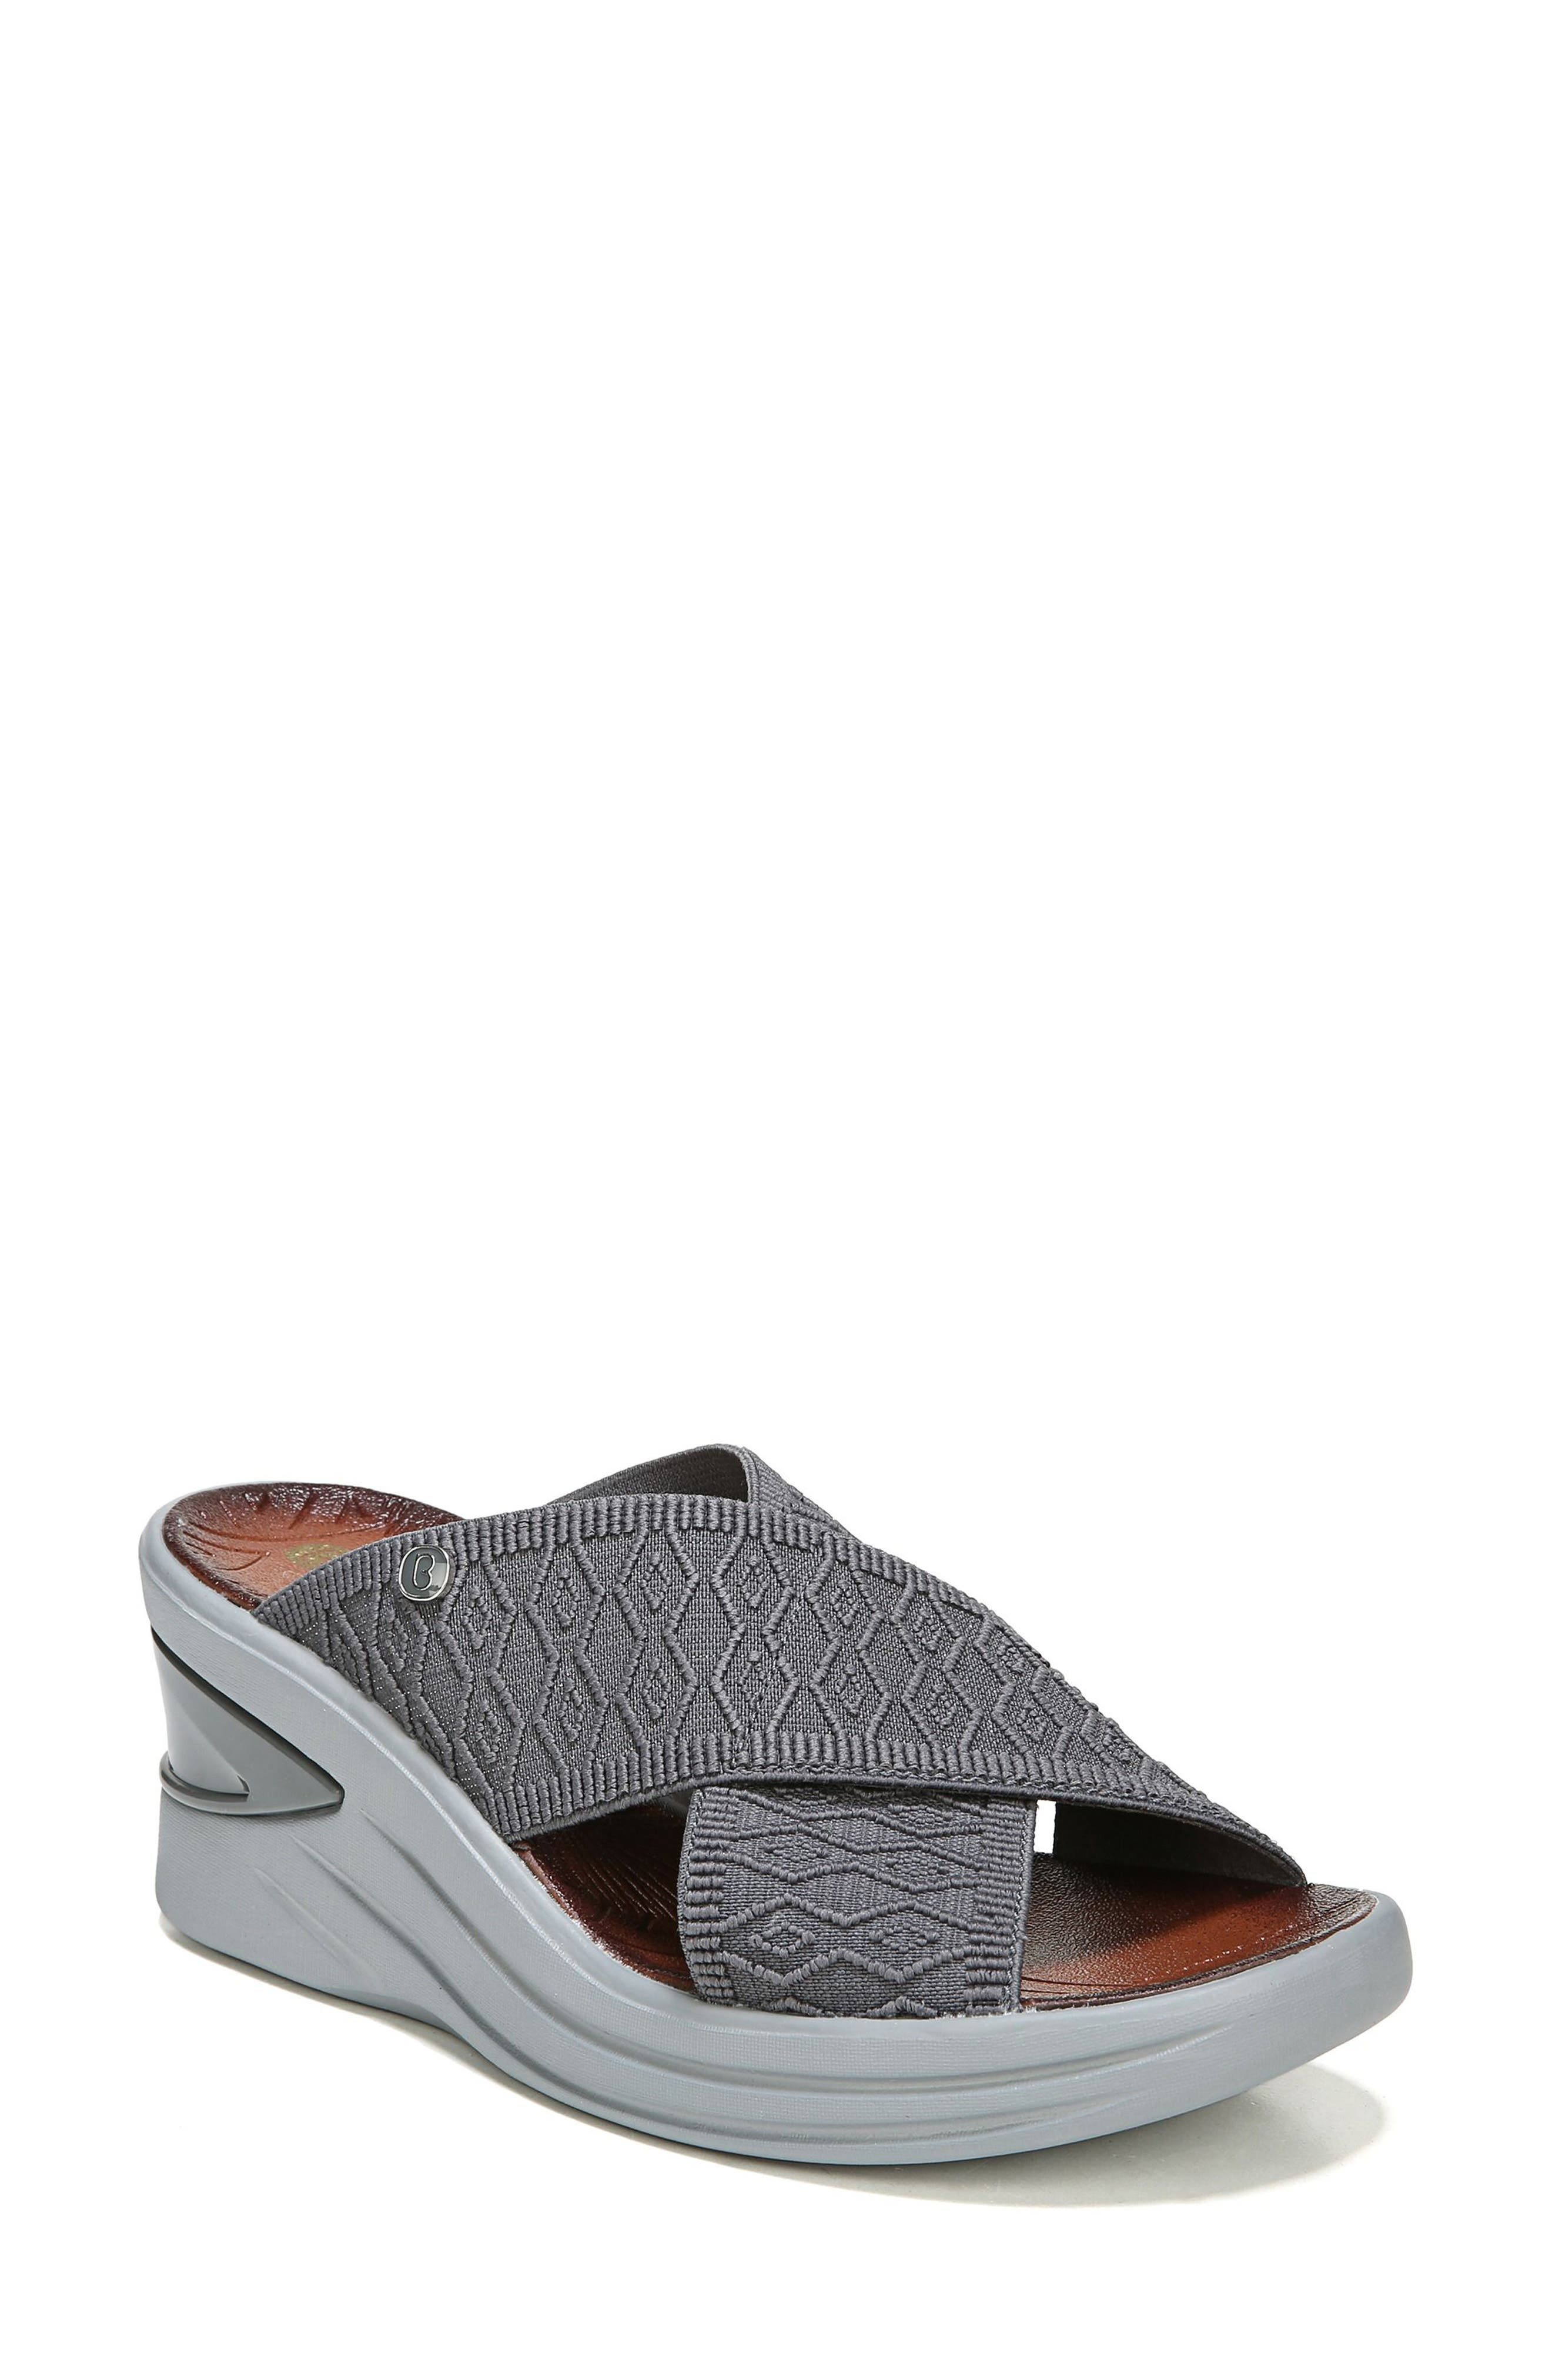 Vista Slide Sandal,                         Main,                         color, PEWTER FABRIC